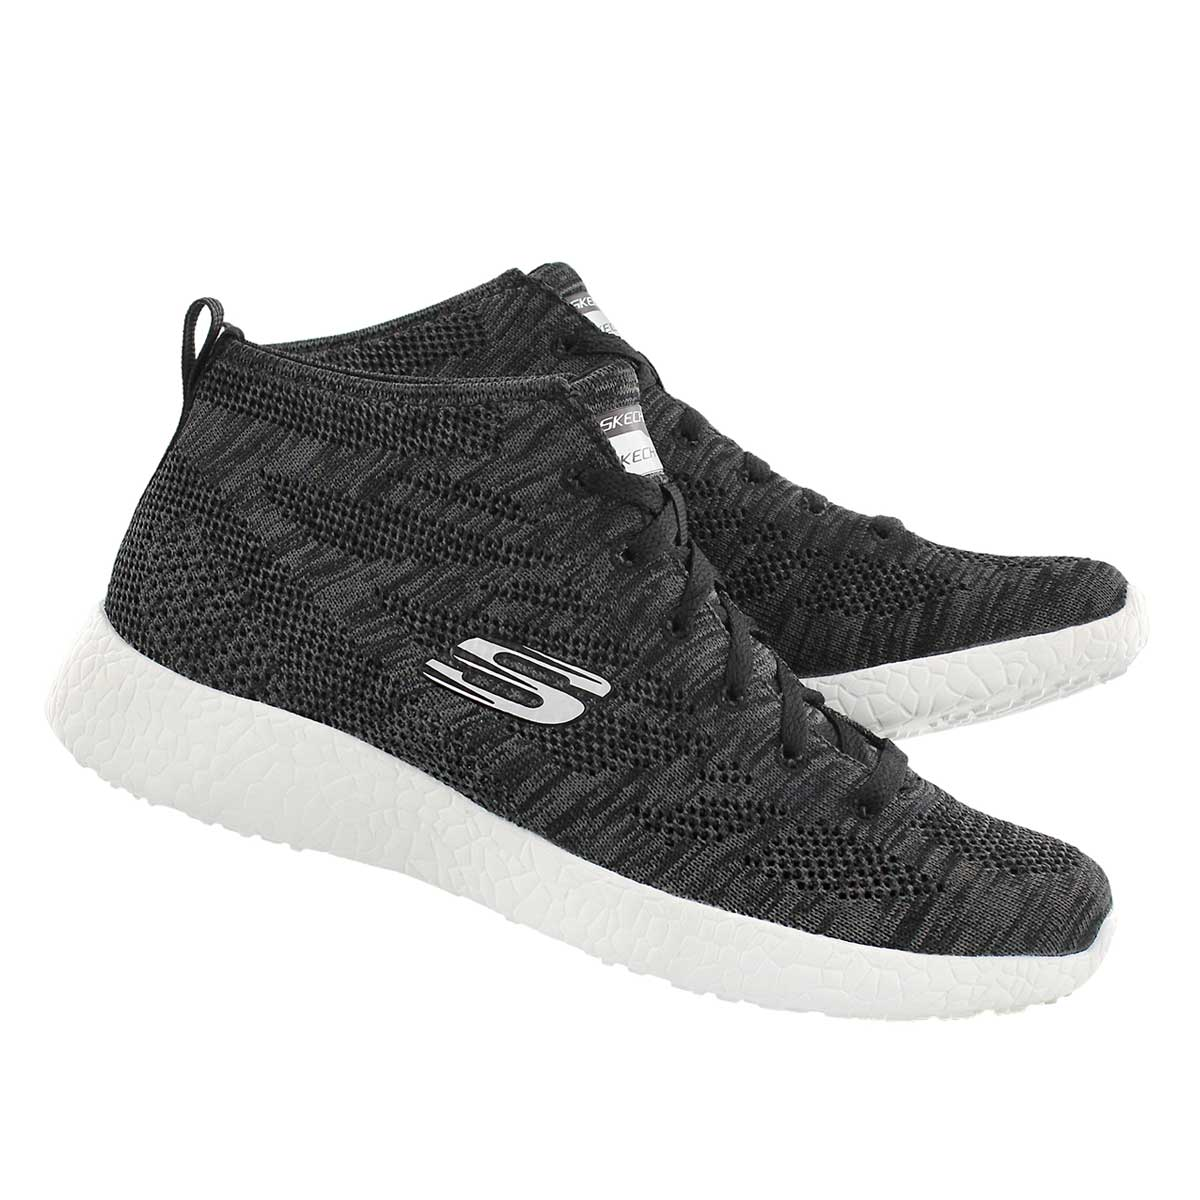 Lds Divergent blk chukka sneaker